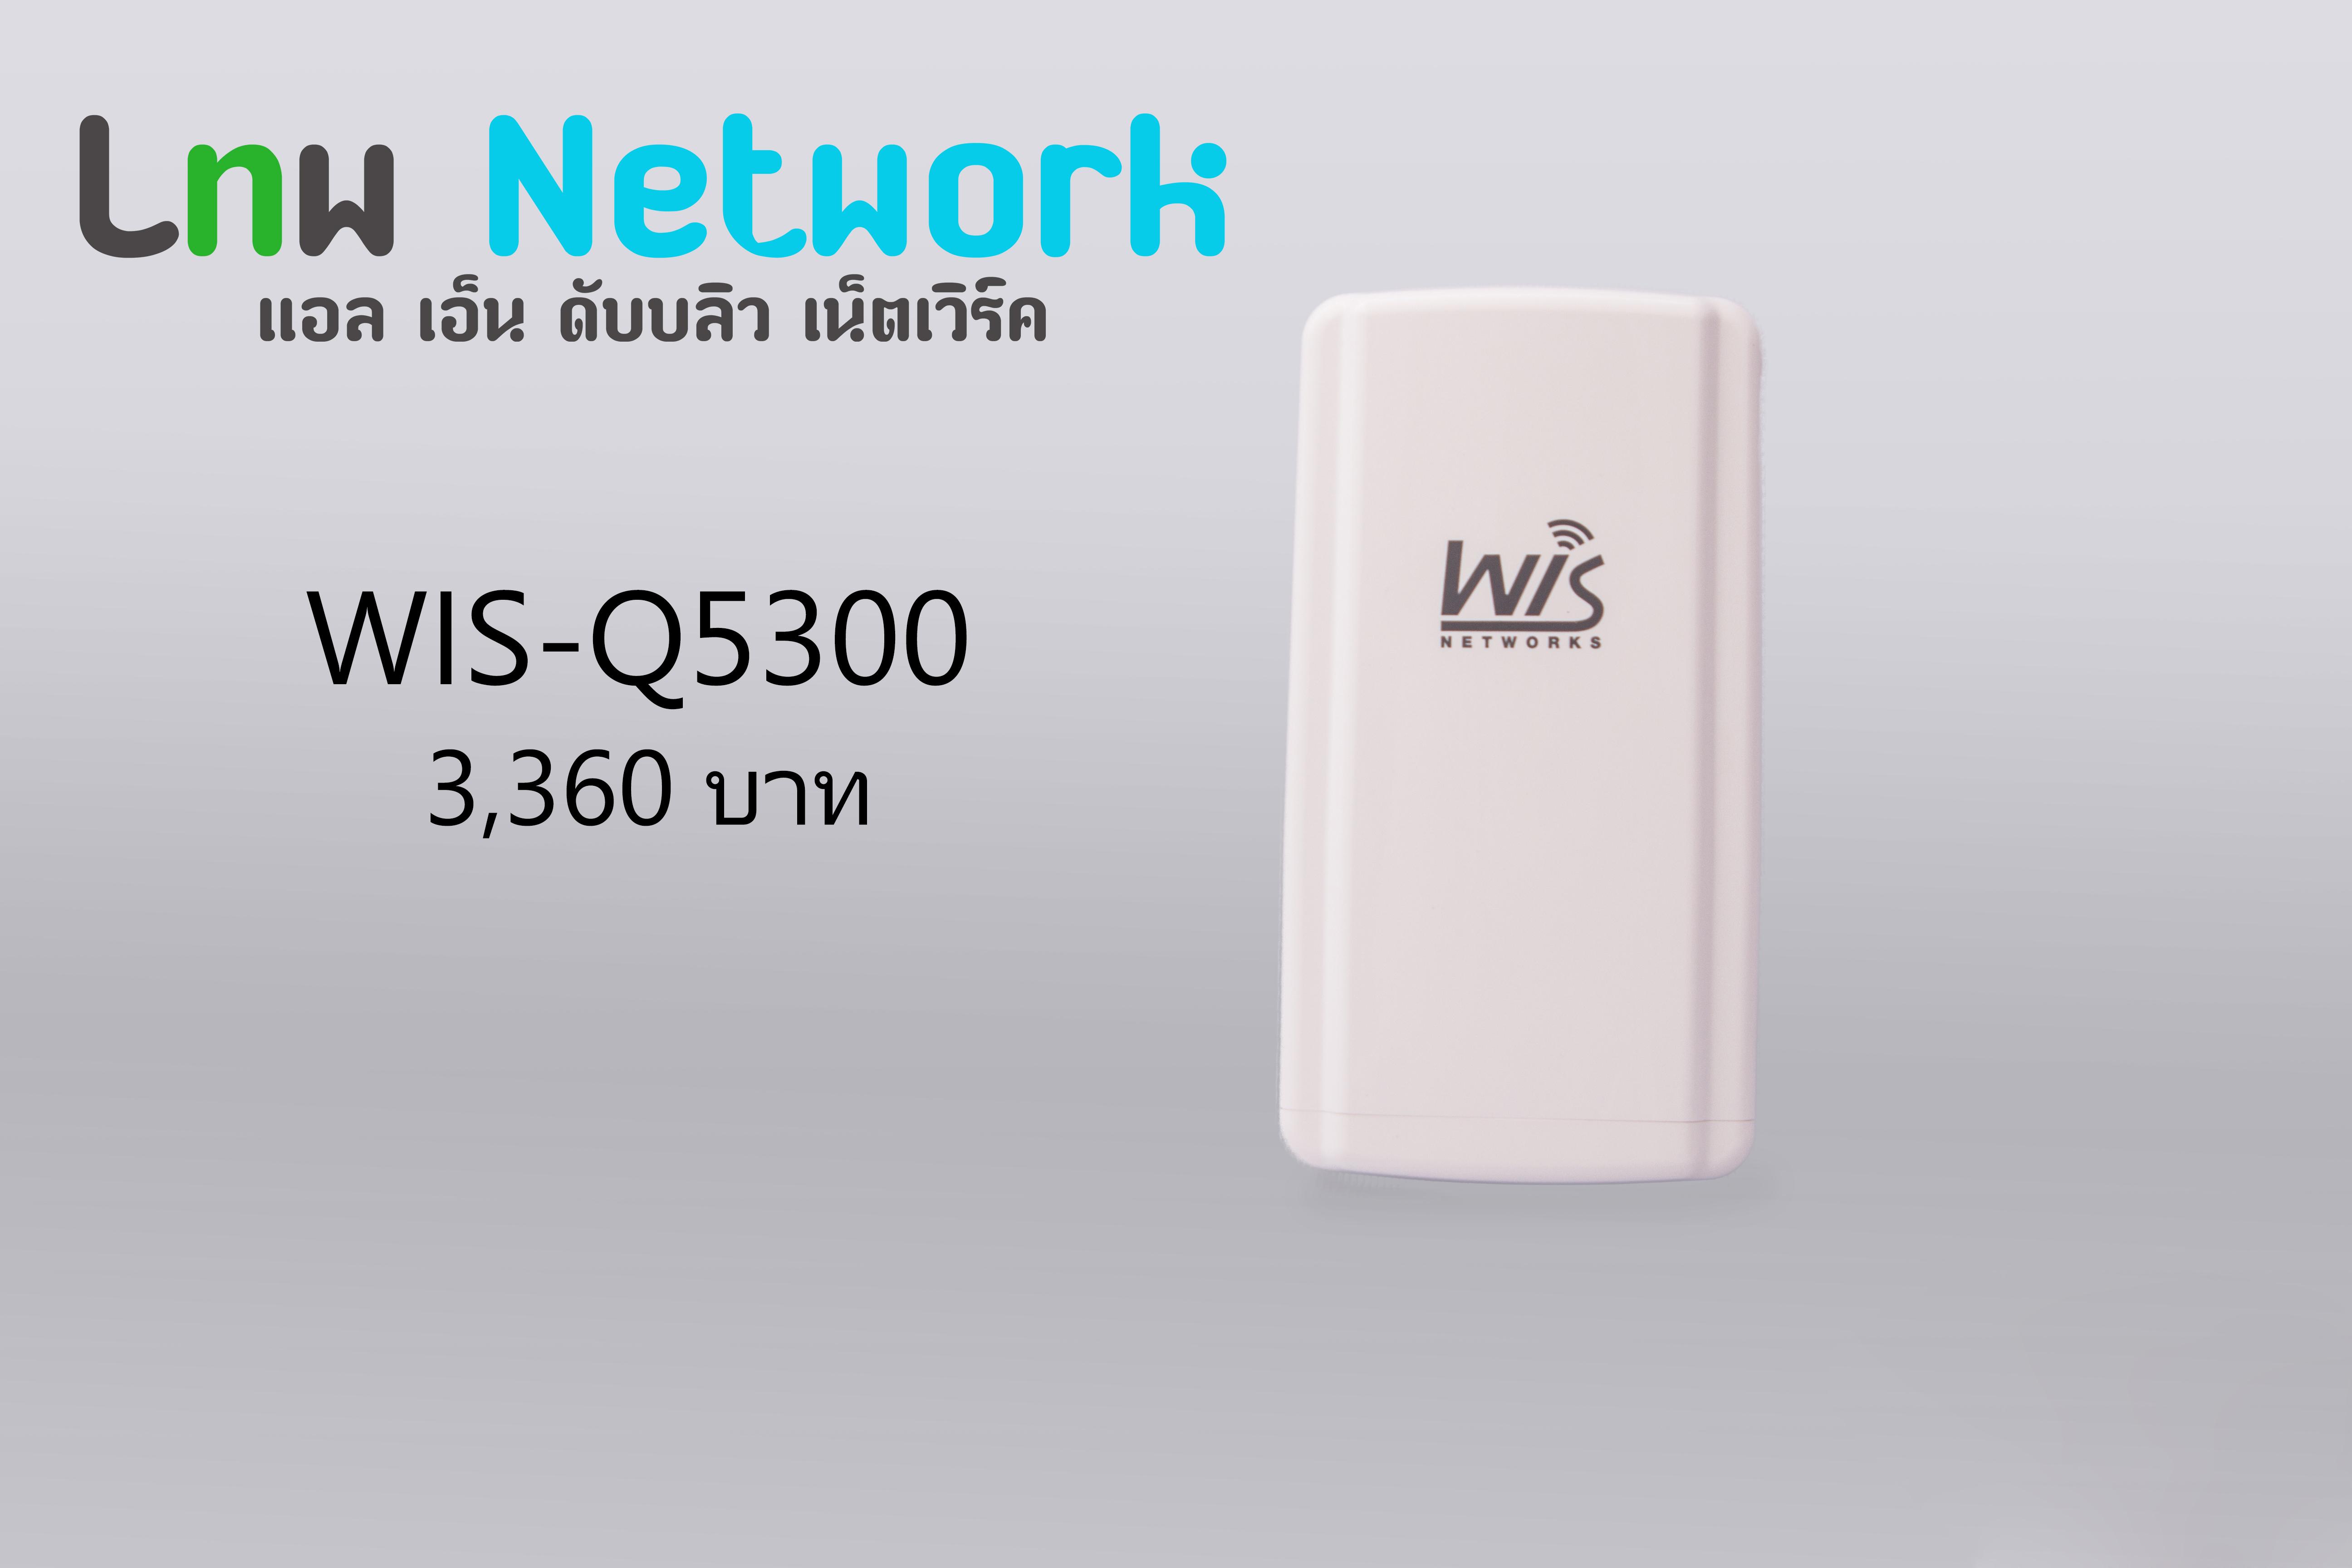 Wisnetwork | WIS-Q5300